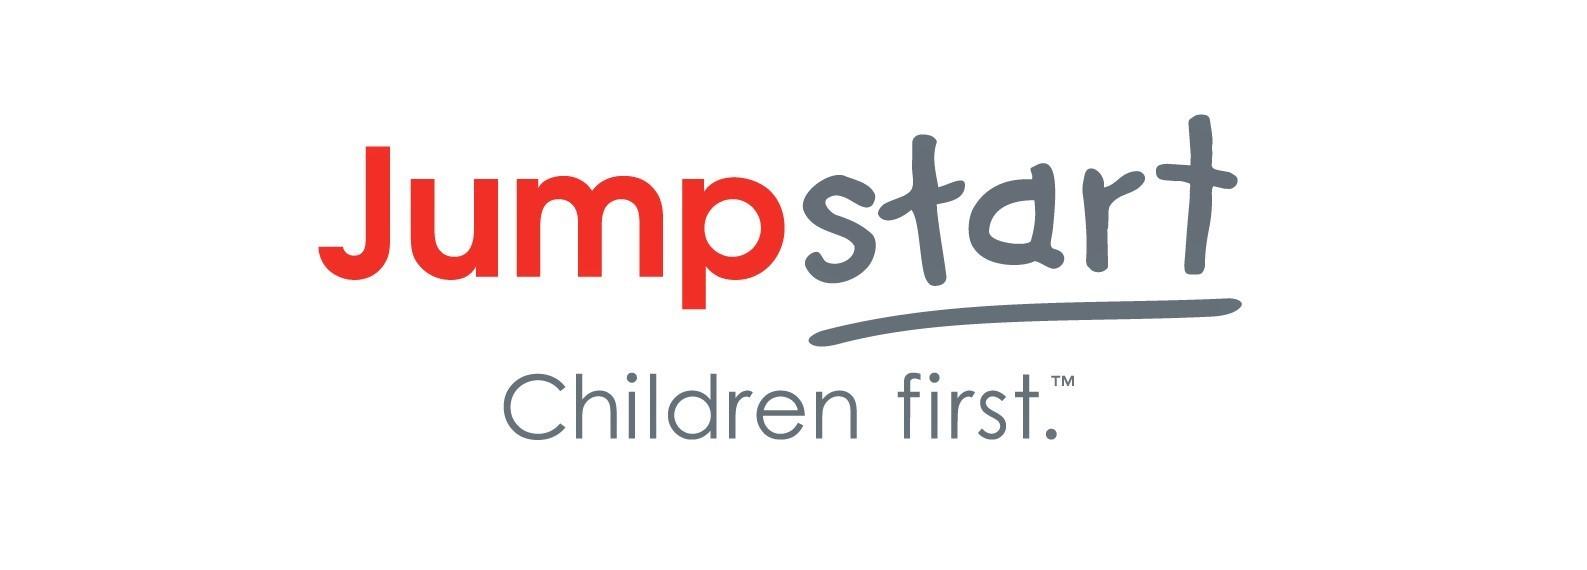 Jumpstart02